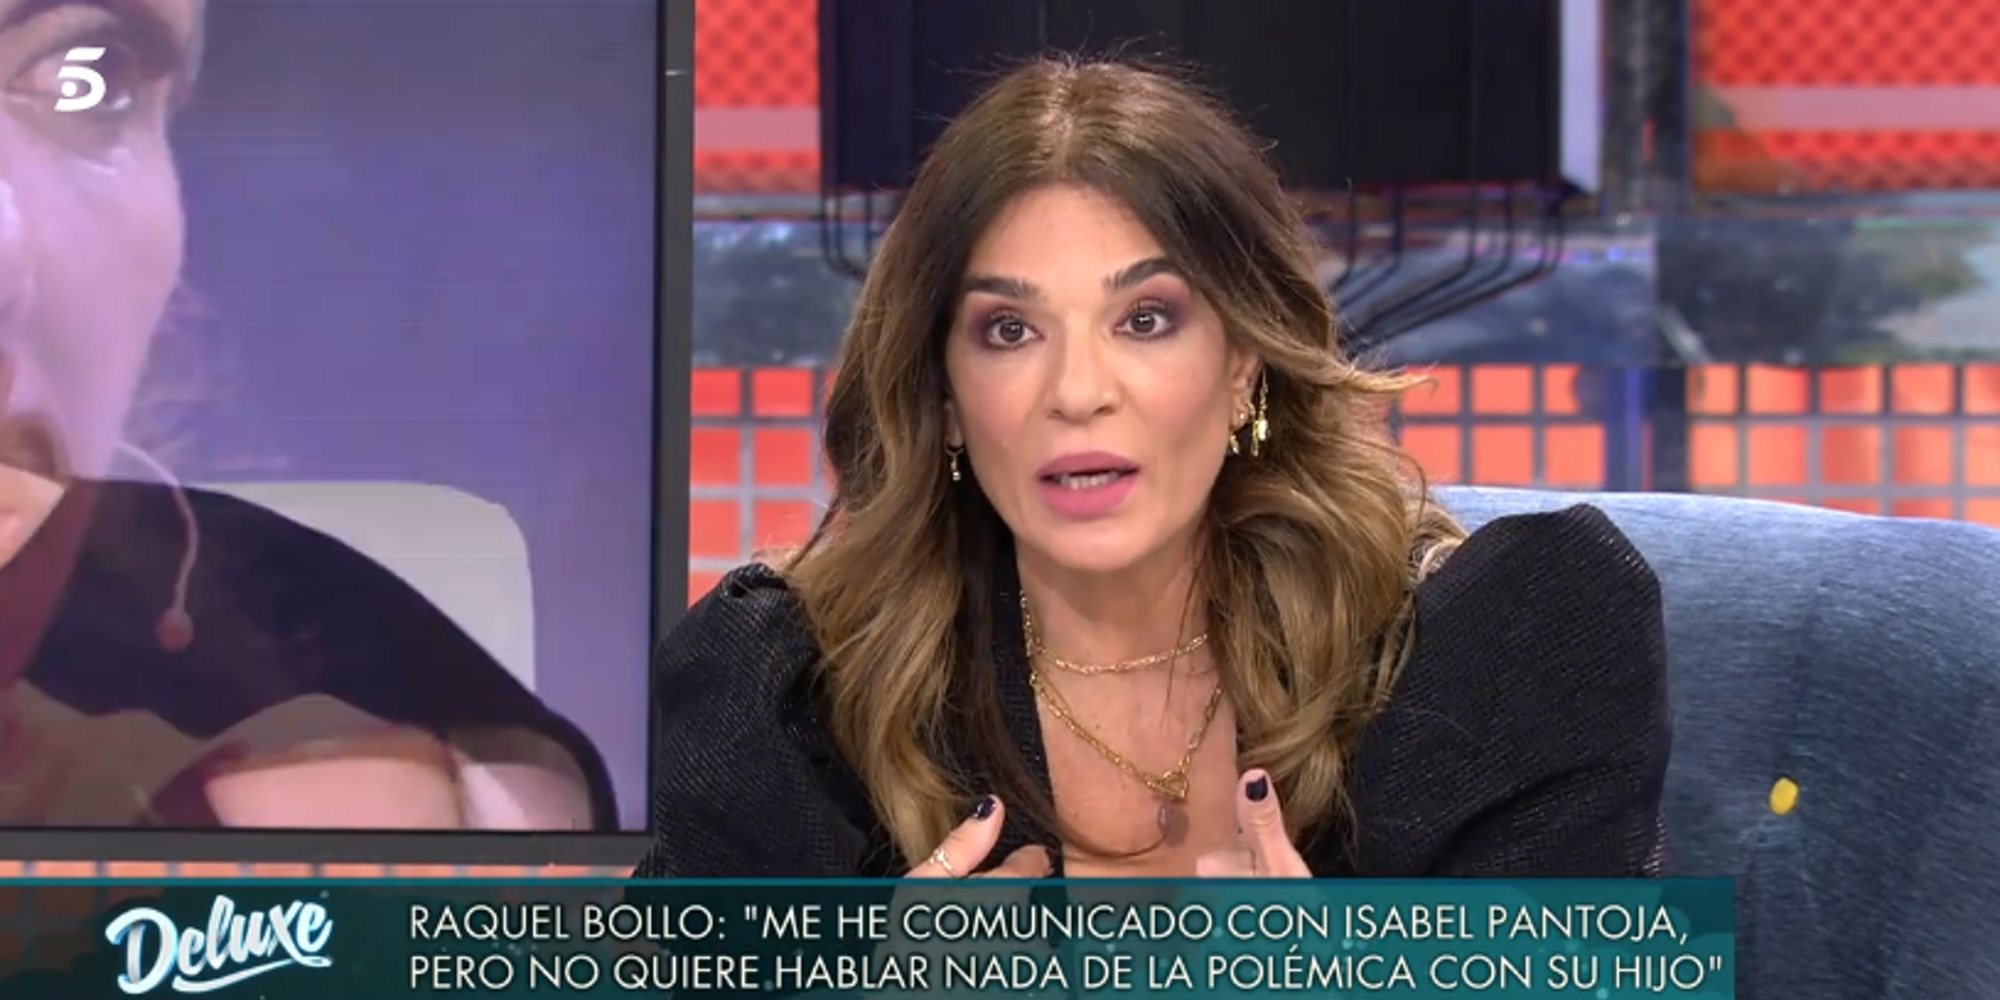 """Raquel Bollo muy sincera sobre la situación de Isabel Pantoja: """"Ha perdido la cabeza"""""""